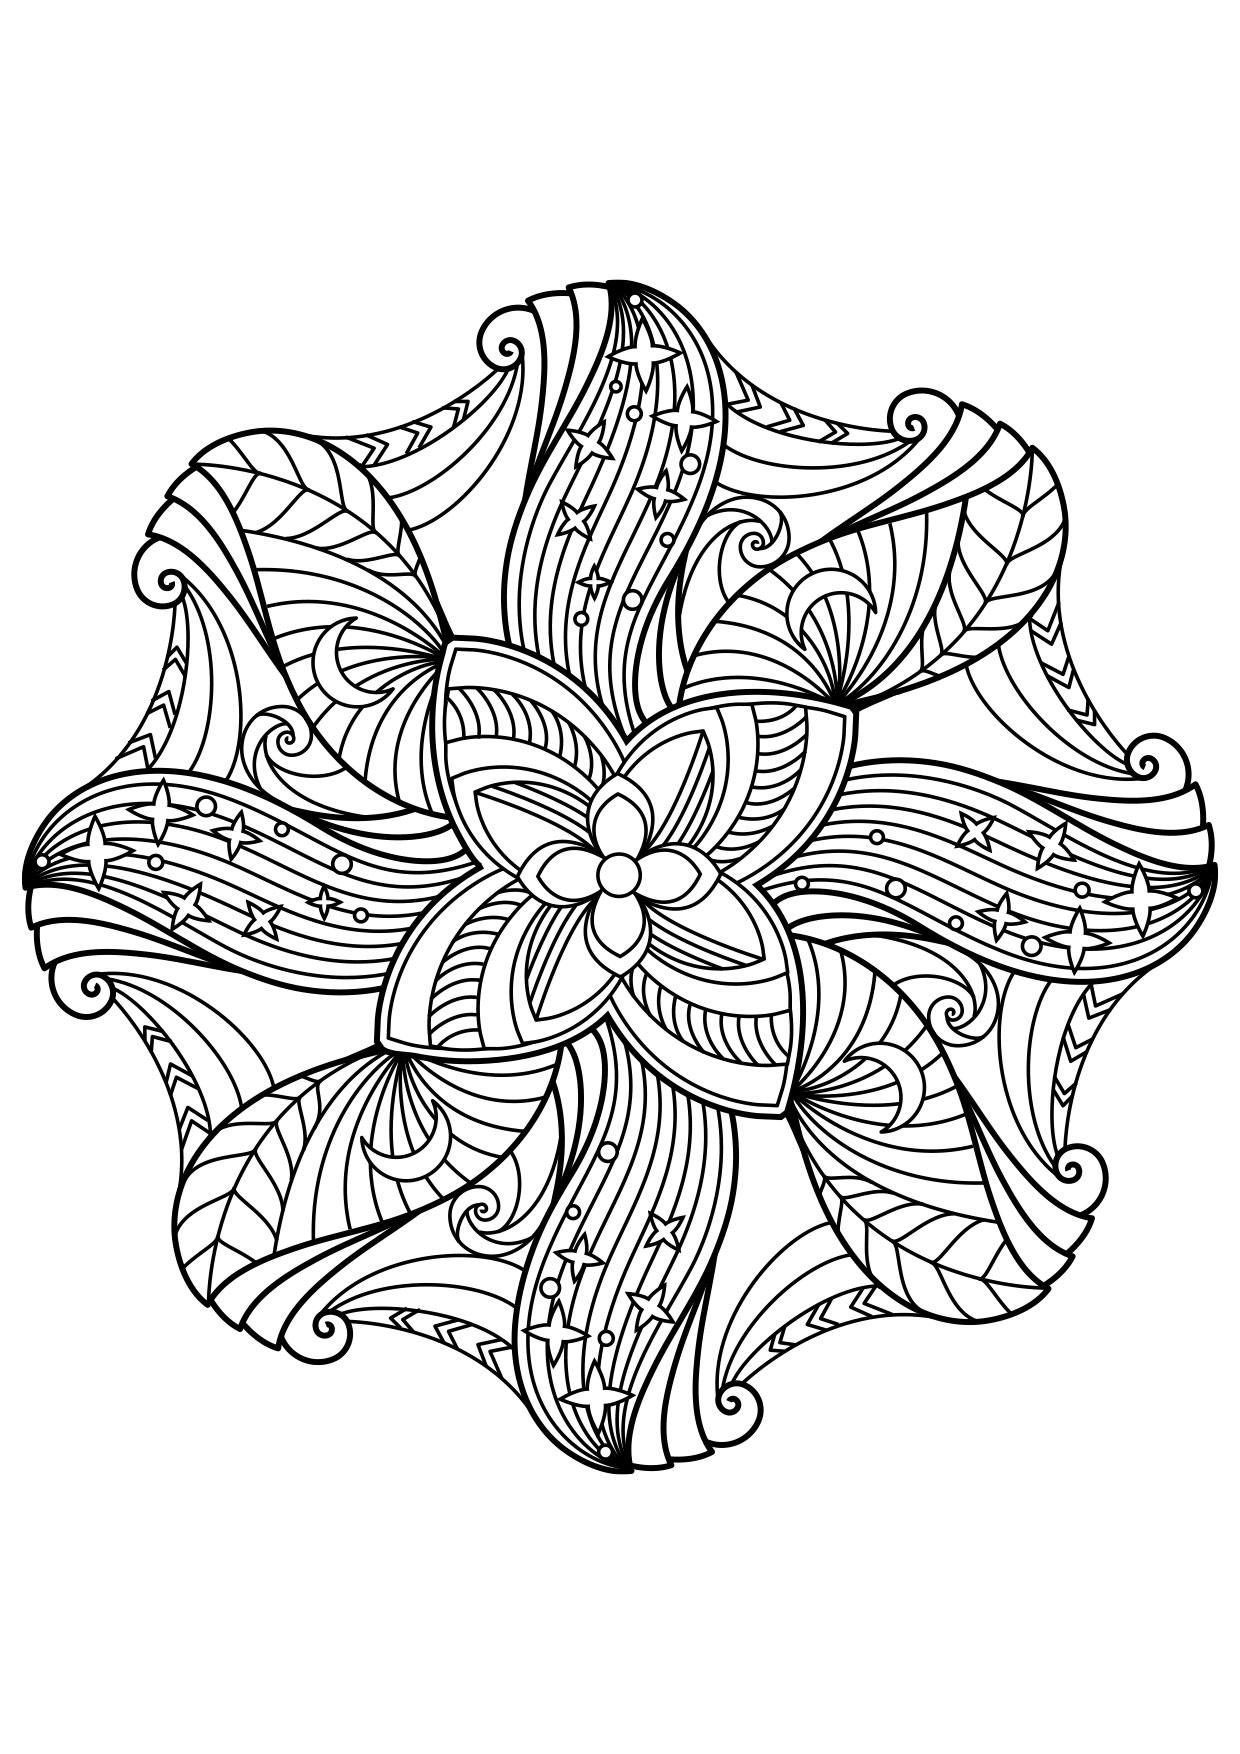 Coloriage nuit de mandala - Coloriages Gratuits à Imprimer